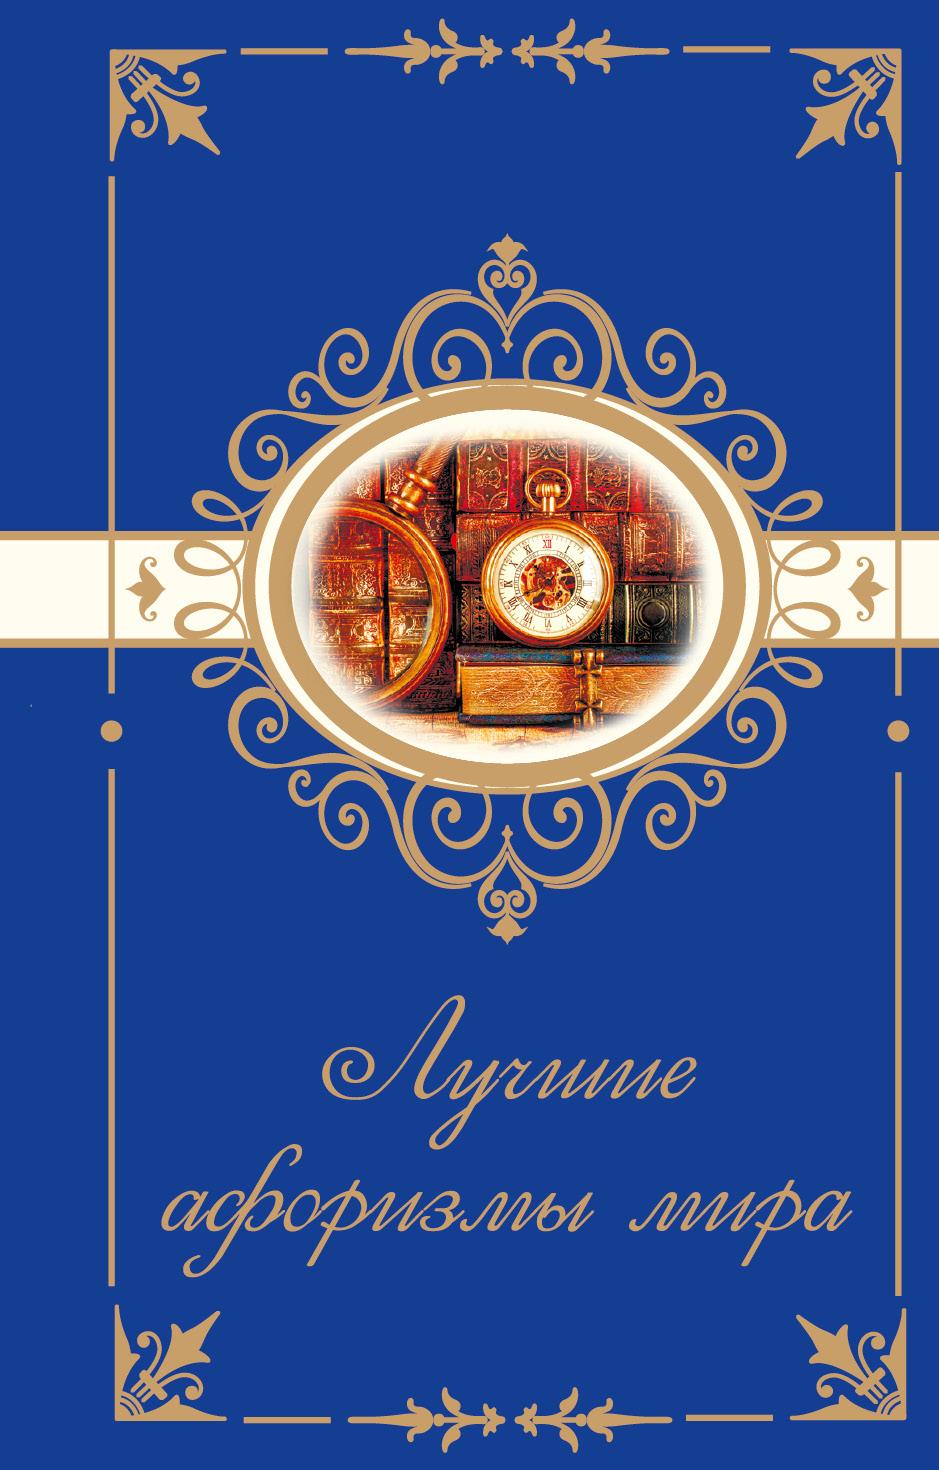 Лучшие афоризмы мира от book24.ru